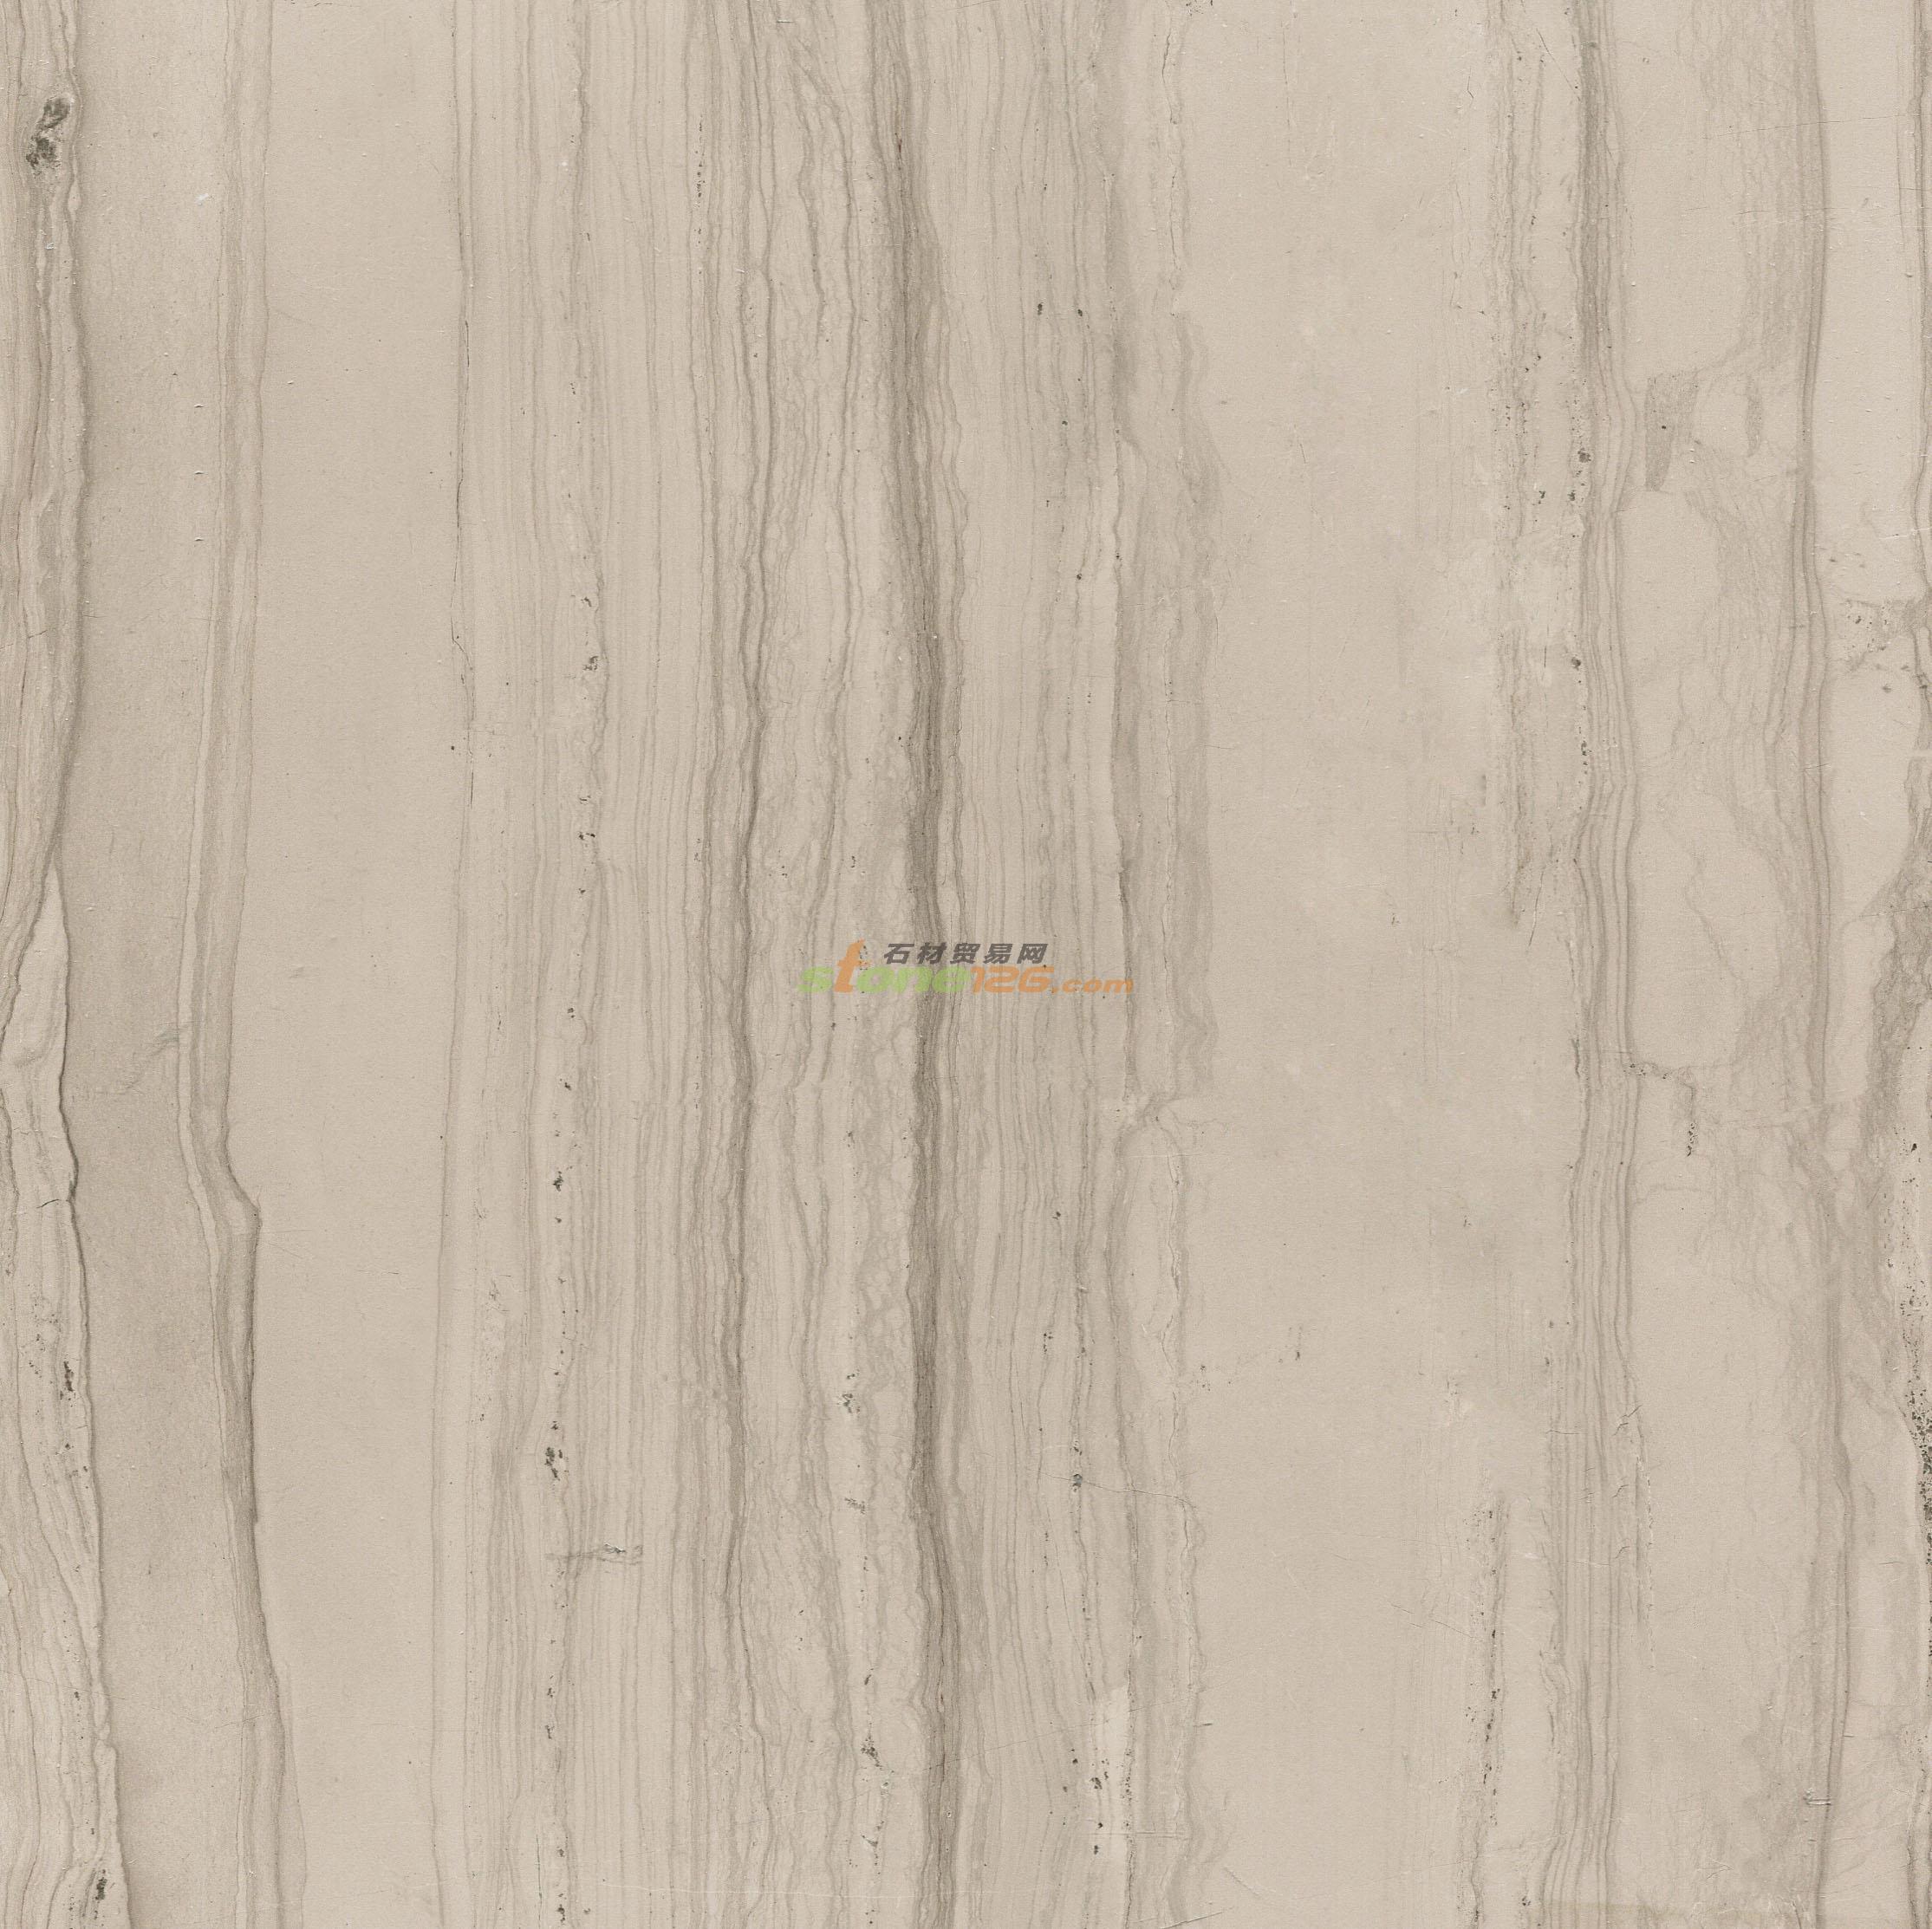 水头人才网_供应贵州灰木纹 -石材供应-石材价格-石材商机-中国石材网